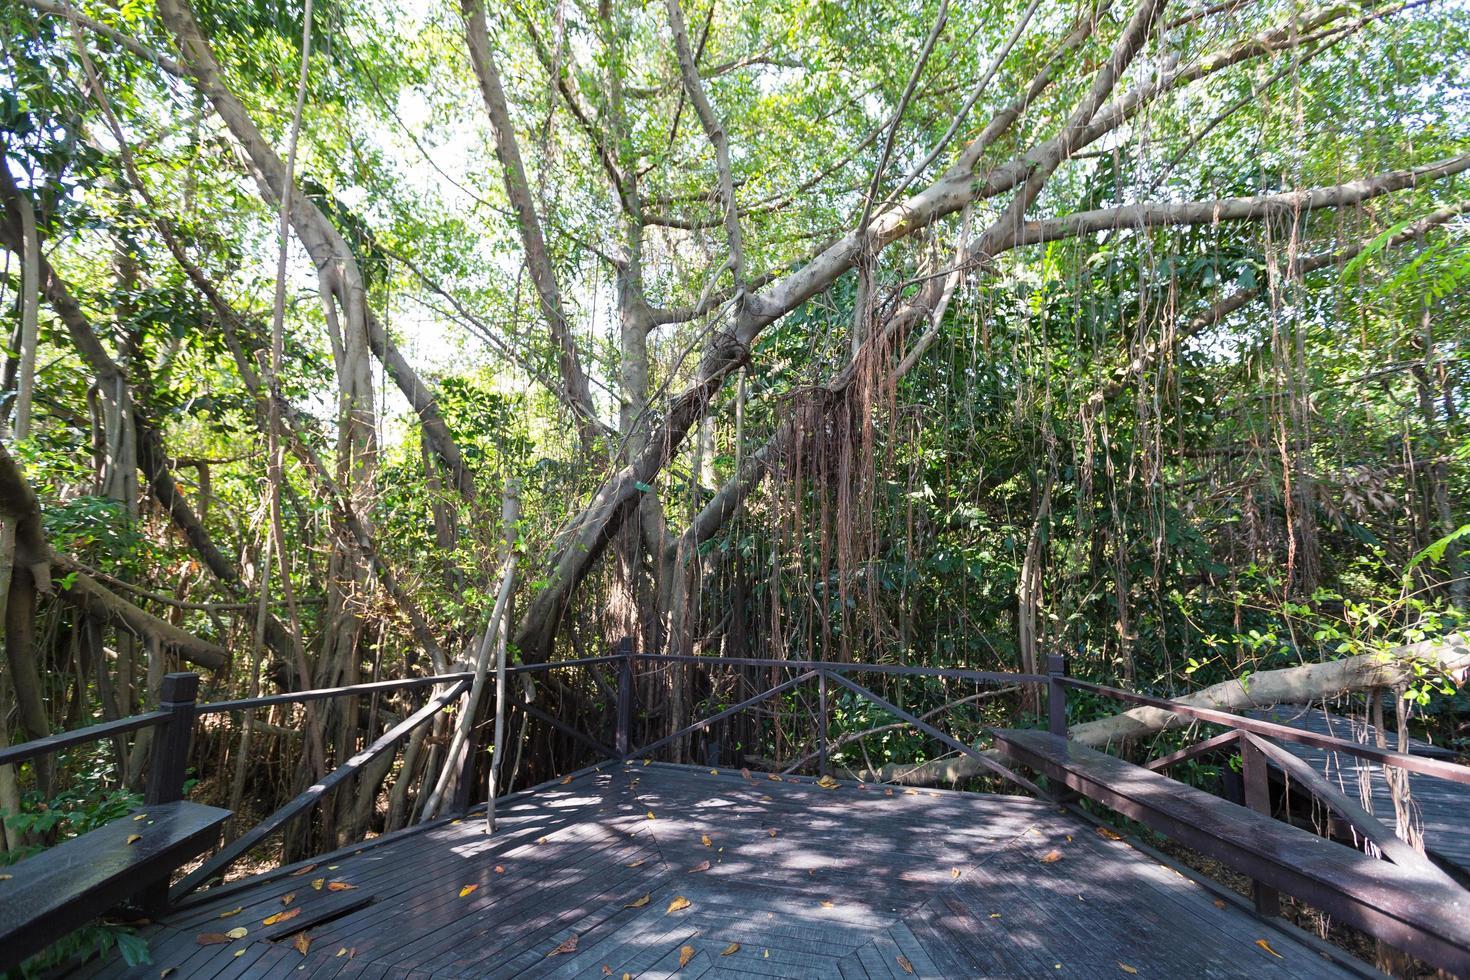 sentiero in legno nel parco foto